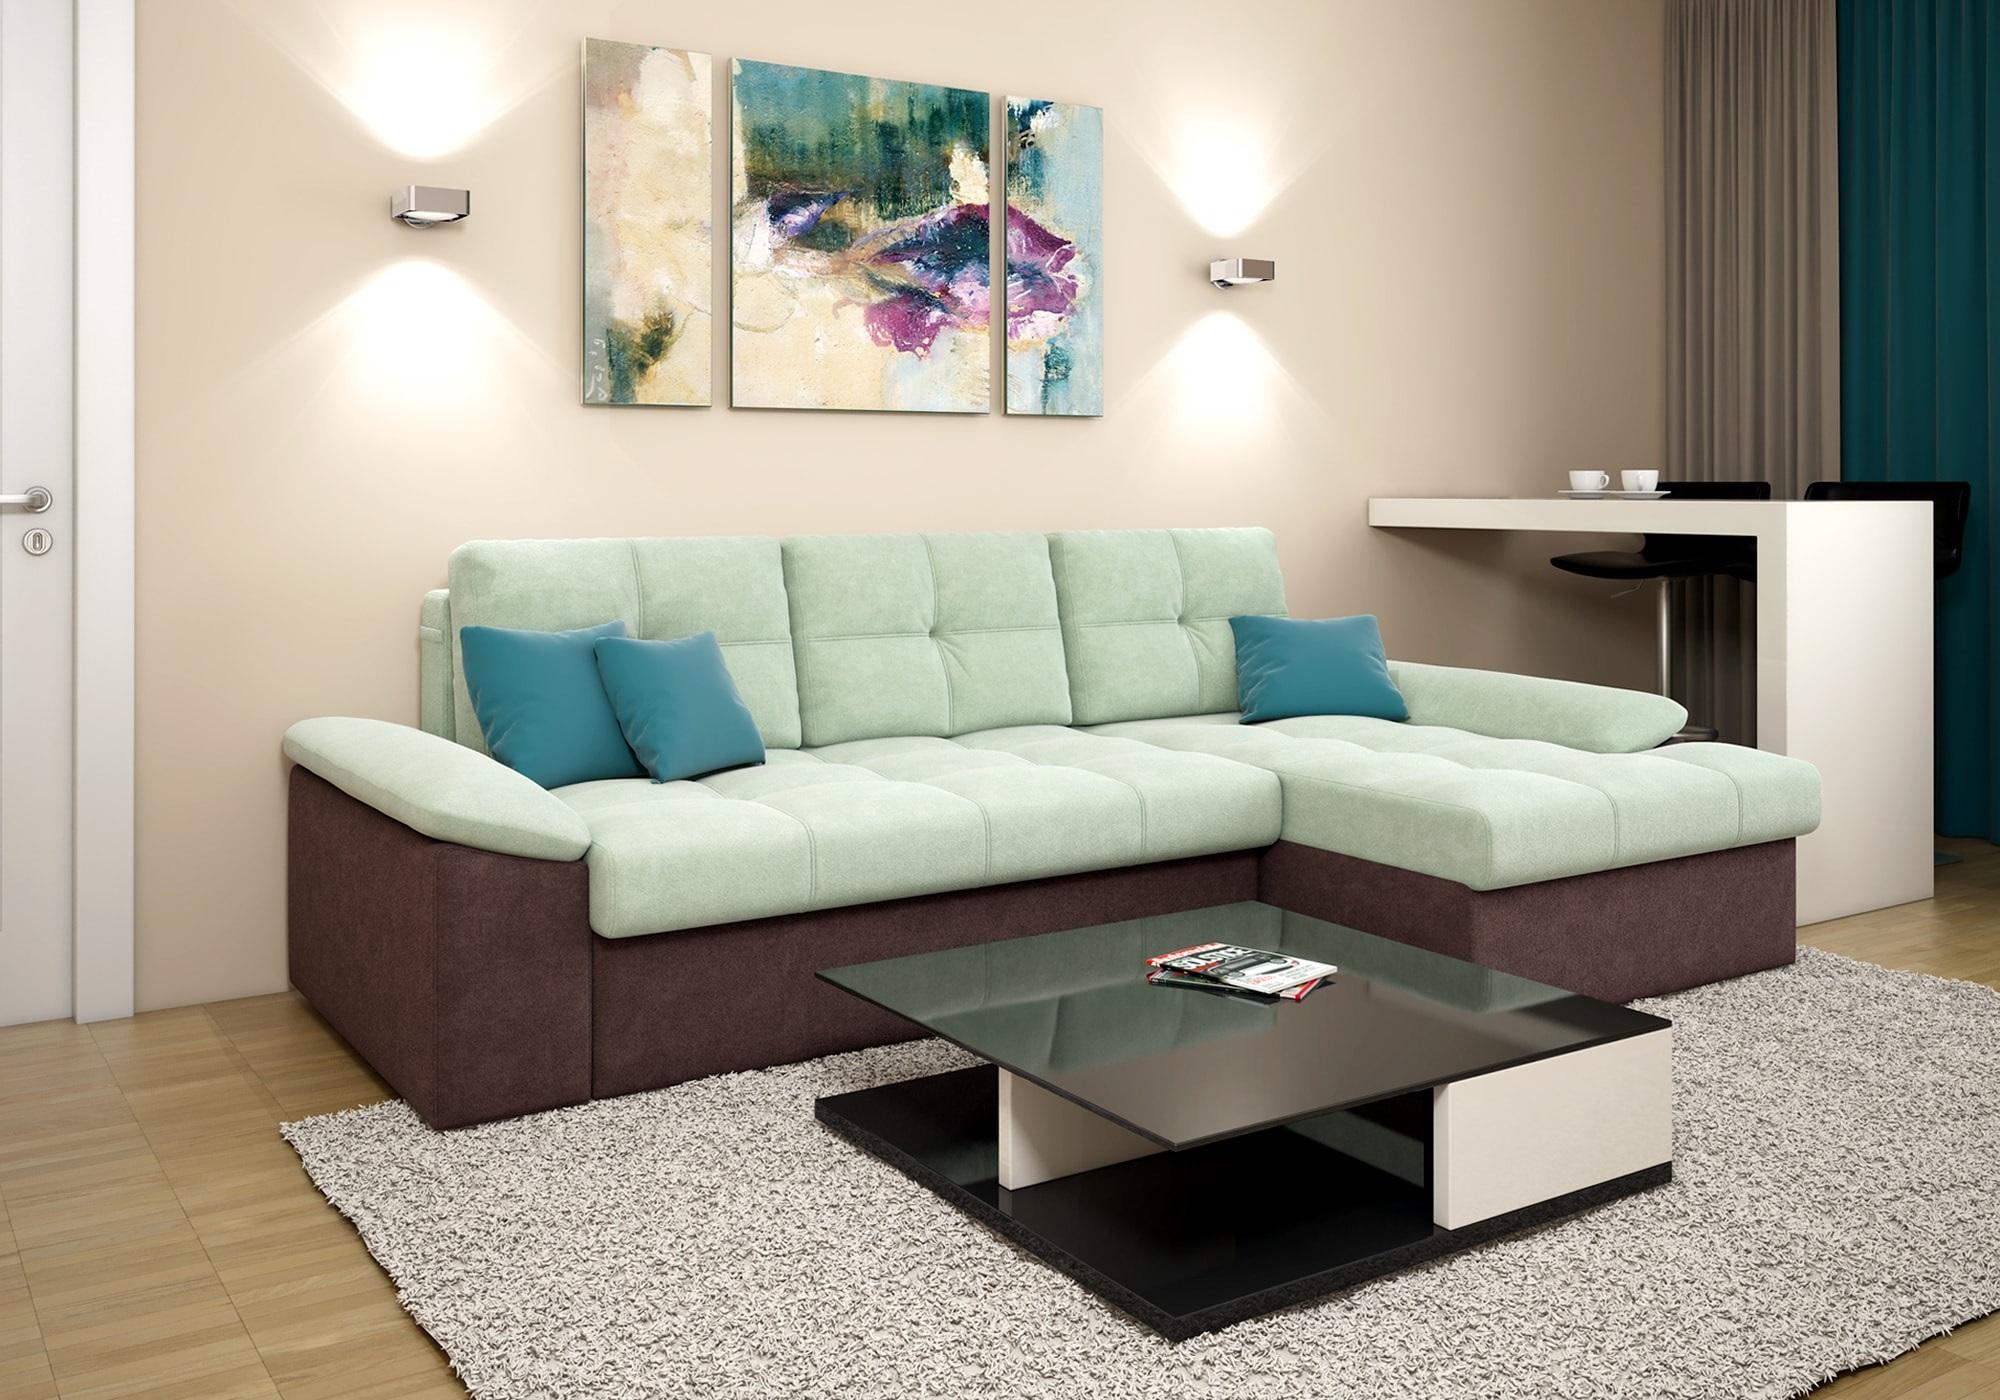 диван в небольшом помещении